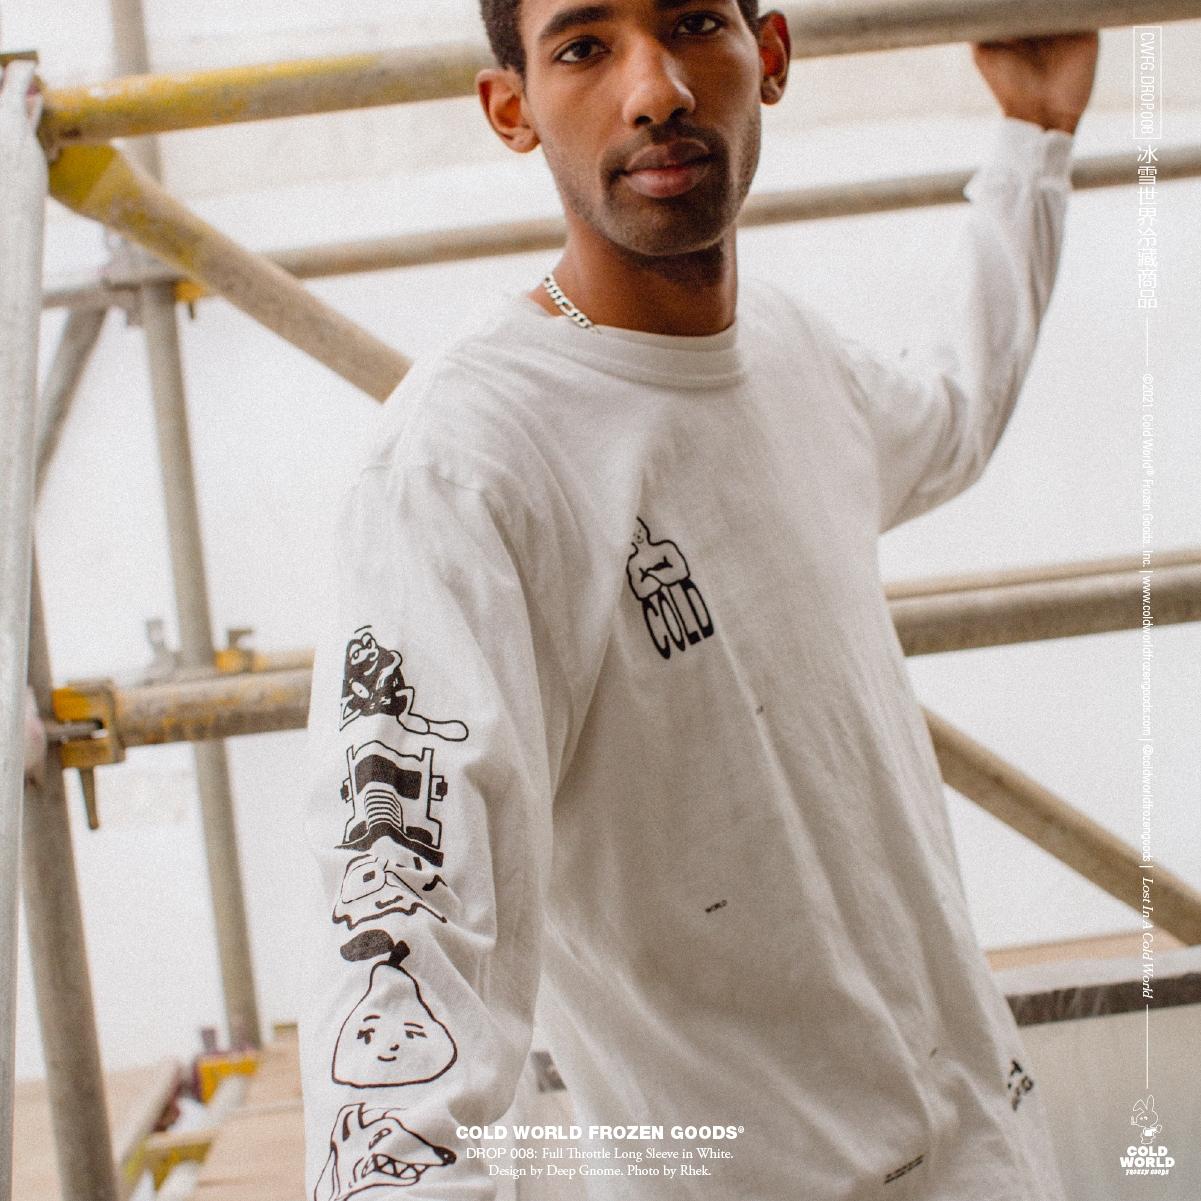 【COLD WORLD FROZEN GOODS/コールドワールドフローズングッズ】FULL THROTTLE LONG SLEEVE  長袖Tシャツ / WHITE